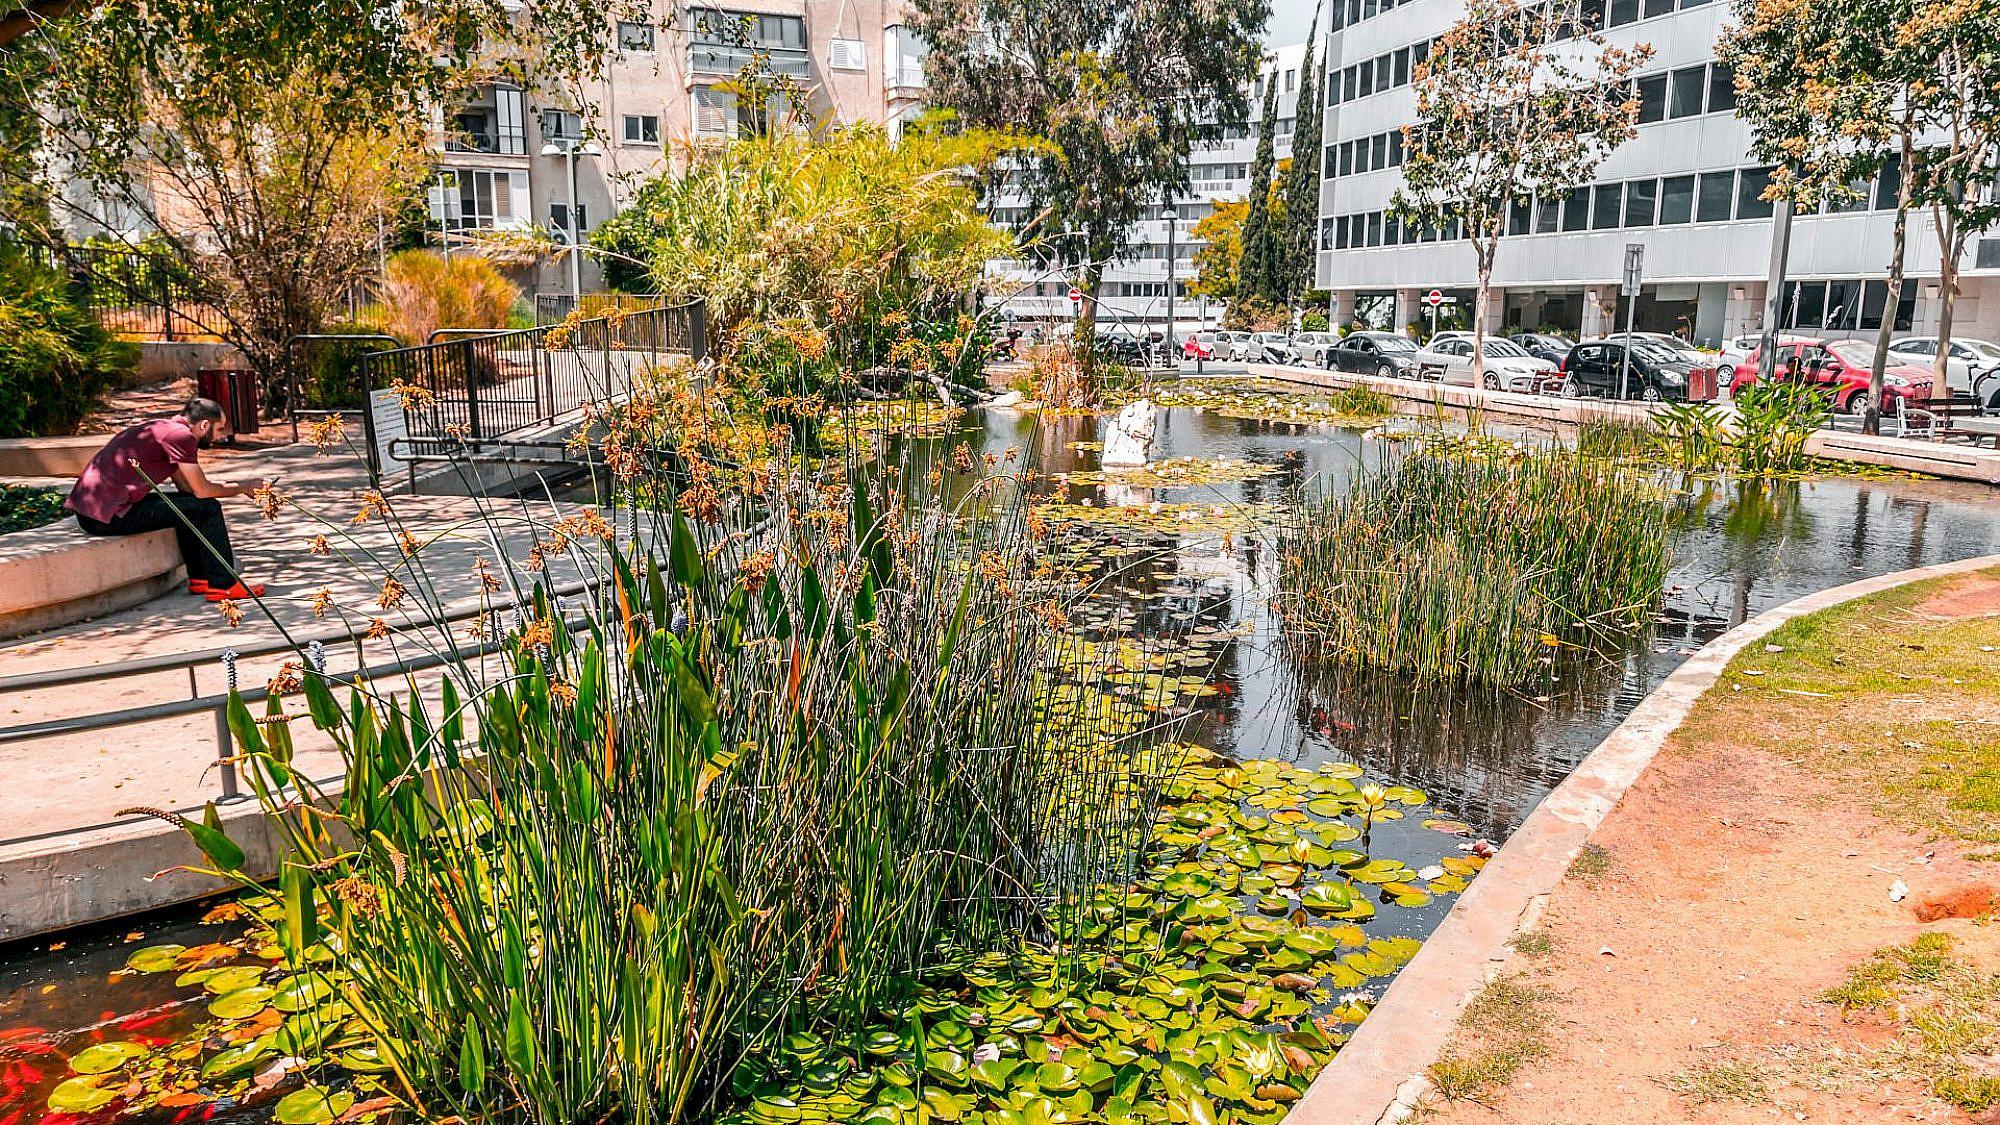 הבריכה האקולוגית בפארק קריית ספר. צילום: shutterstock